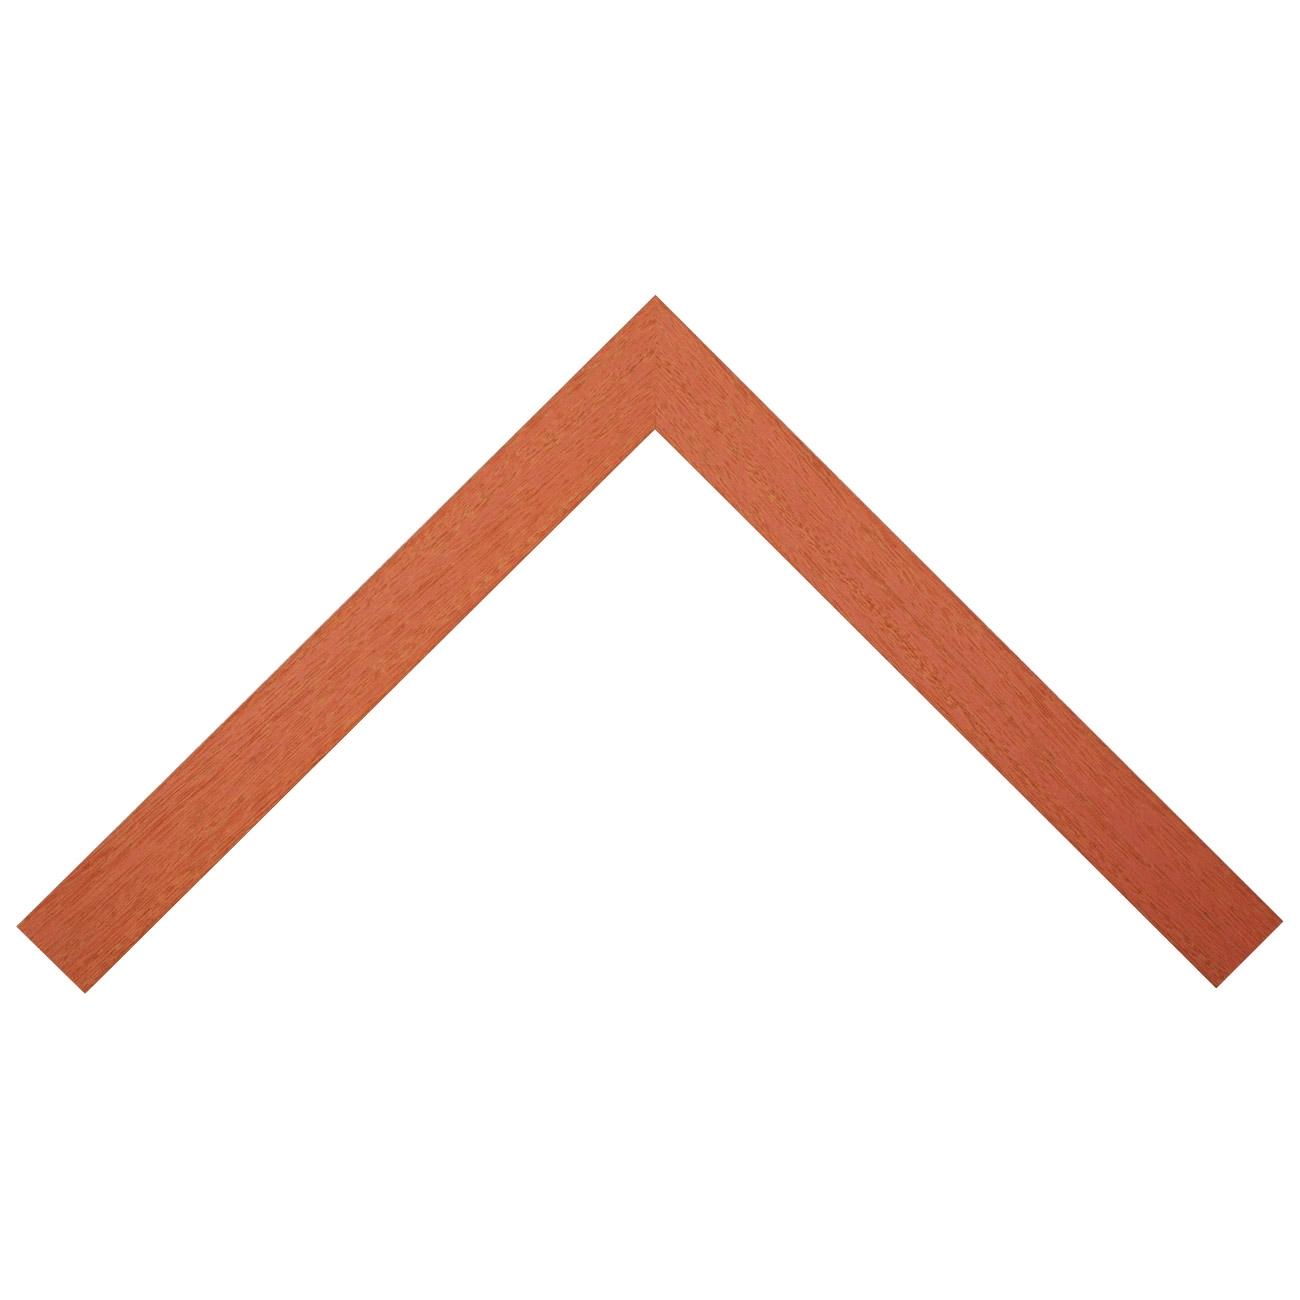 Baguette bois profil plat largeur 3.8cm couleur orange saumoné pore du bois apparent